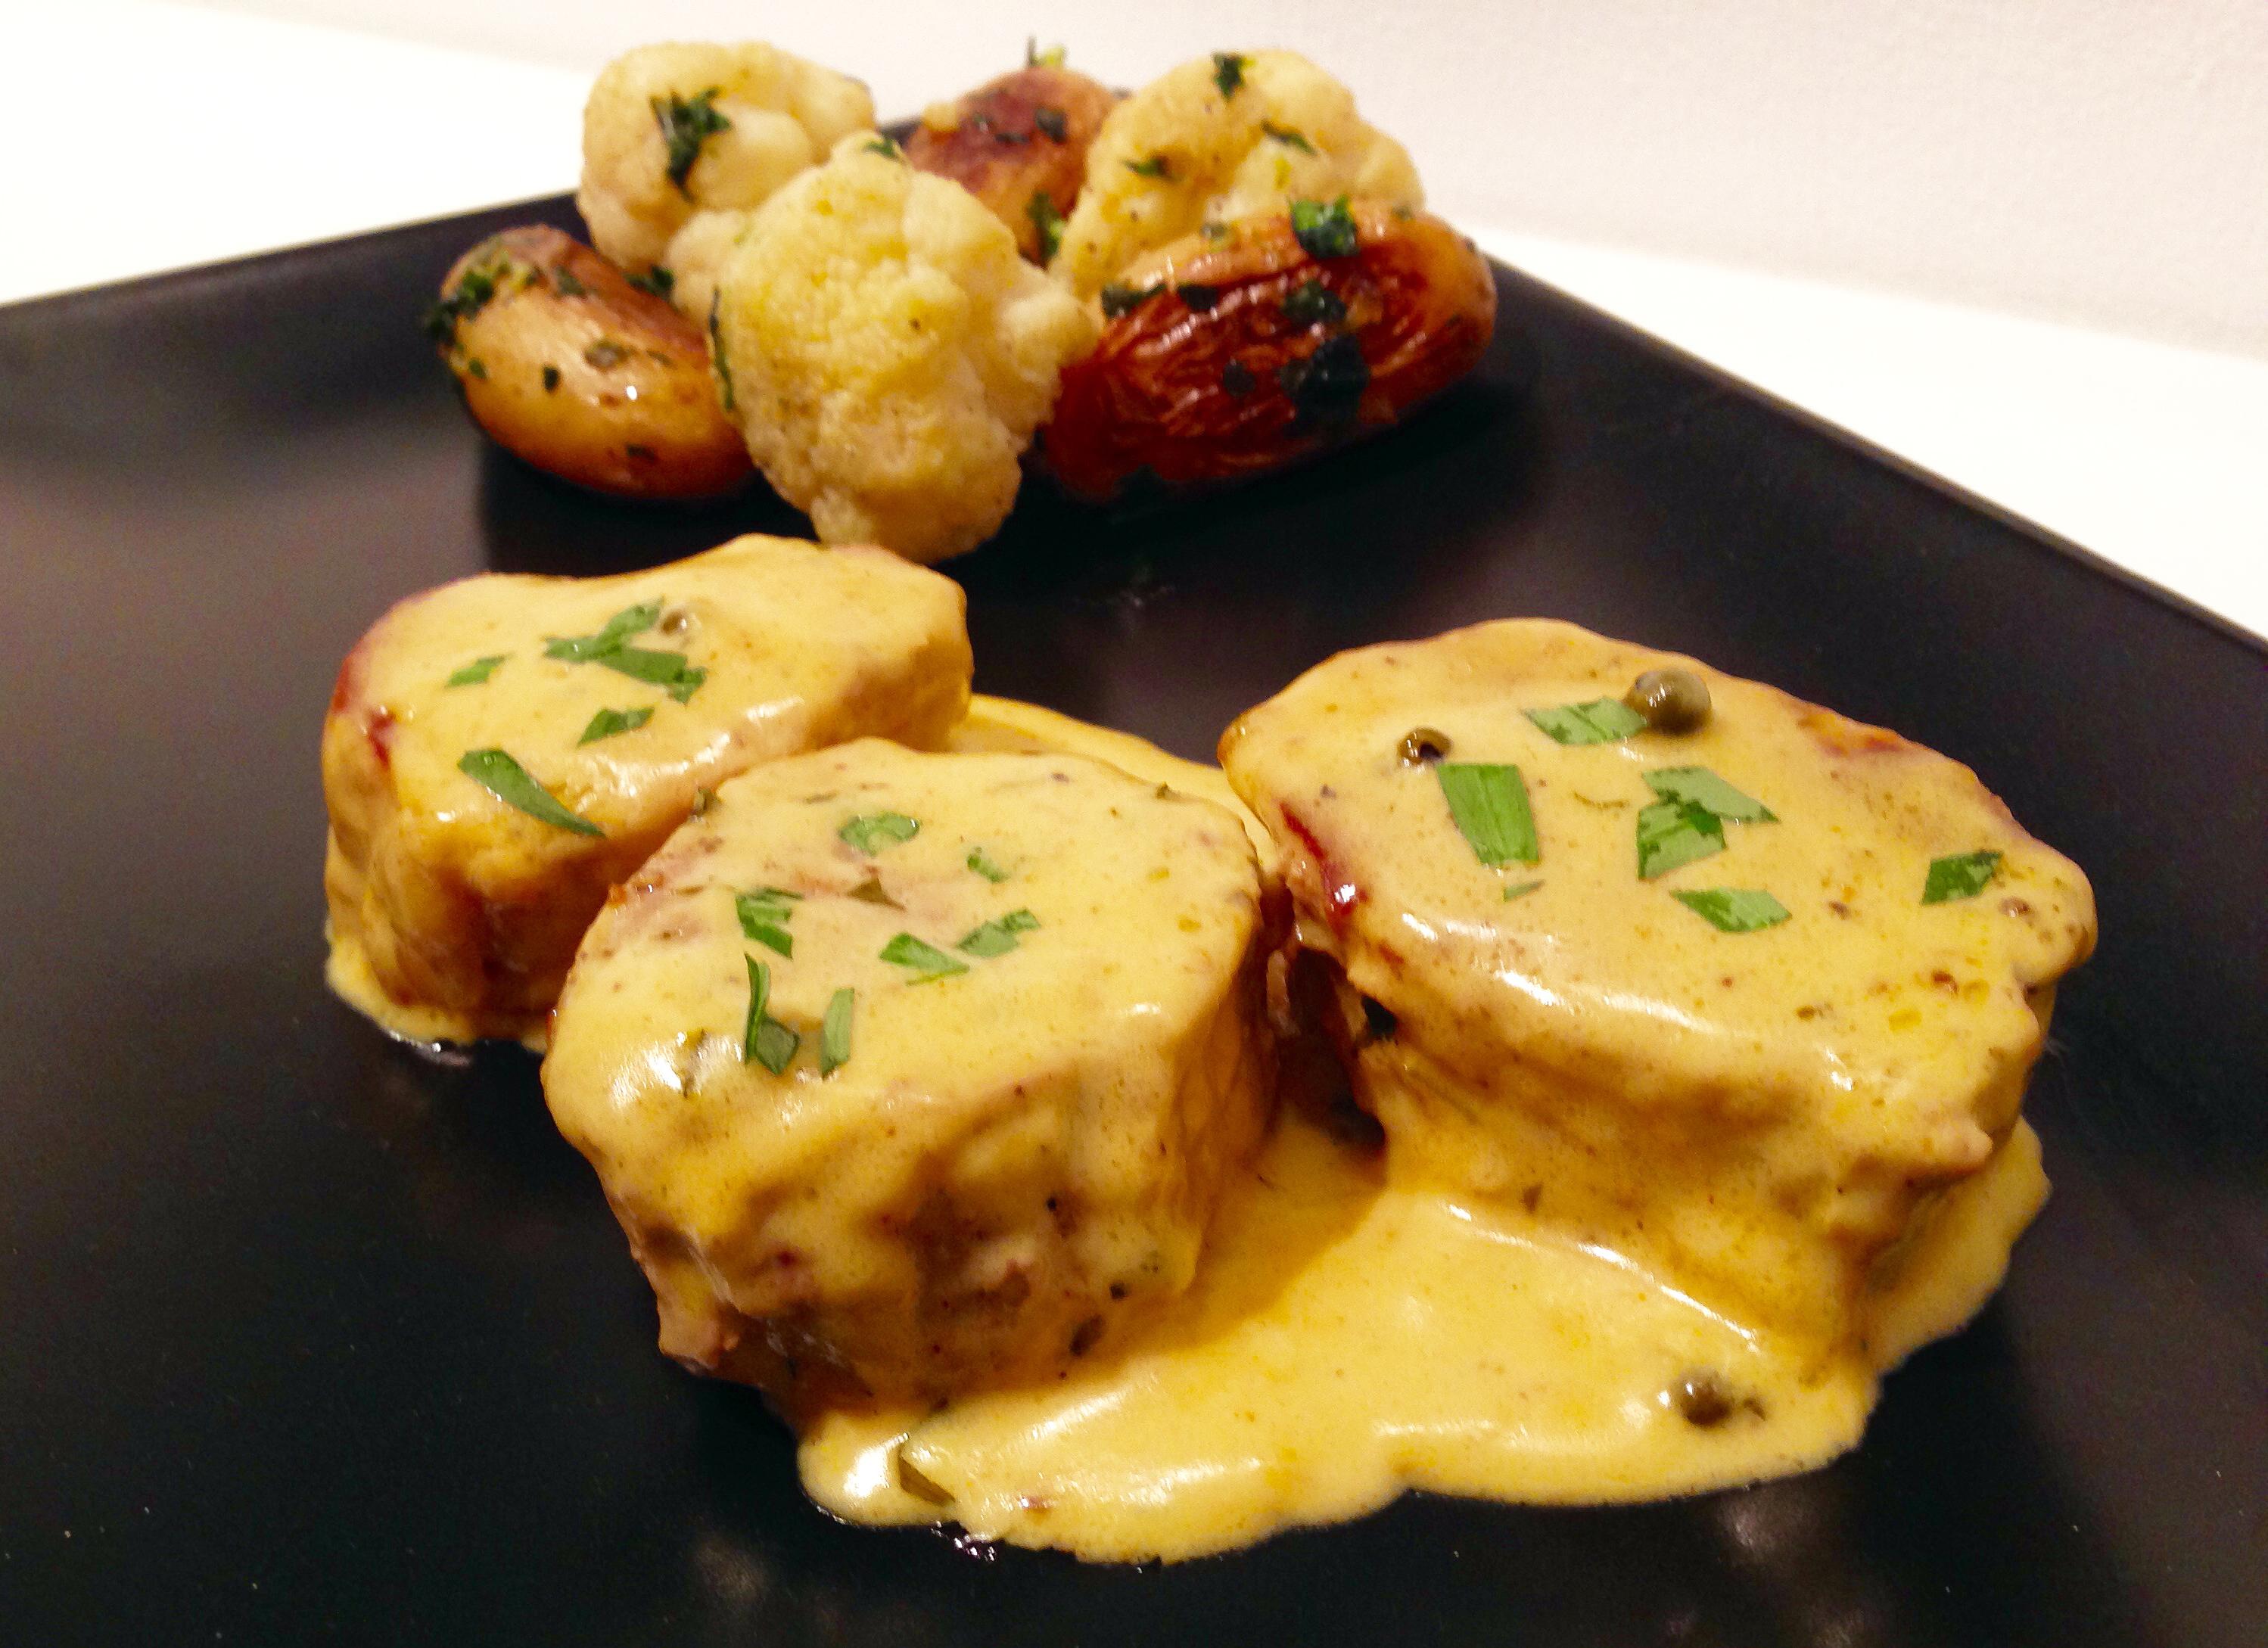 Filet mignon sauce savora la recette facile par toqu s 2 cuisine - Cuisson filet de boeuf au four chaleur tournante ...